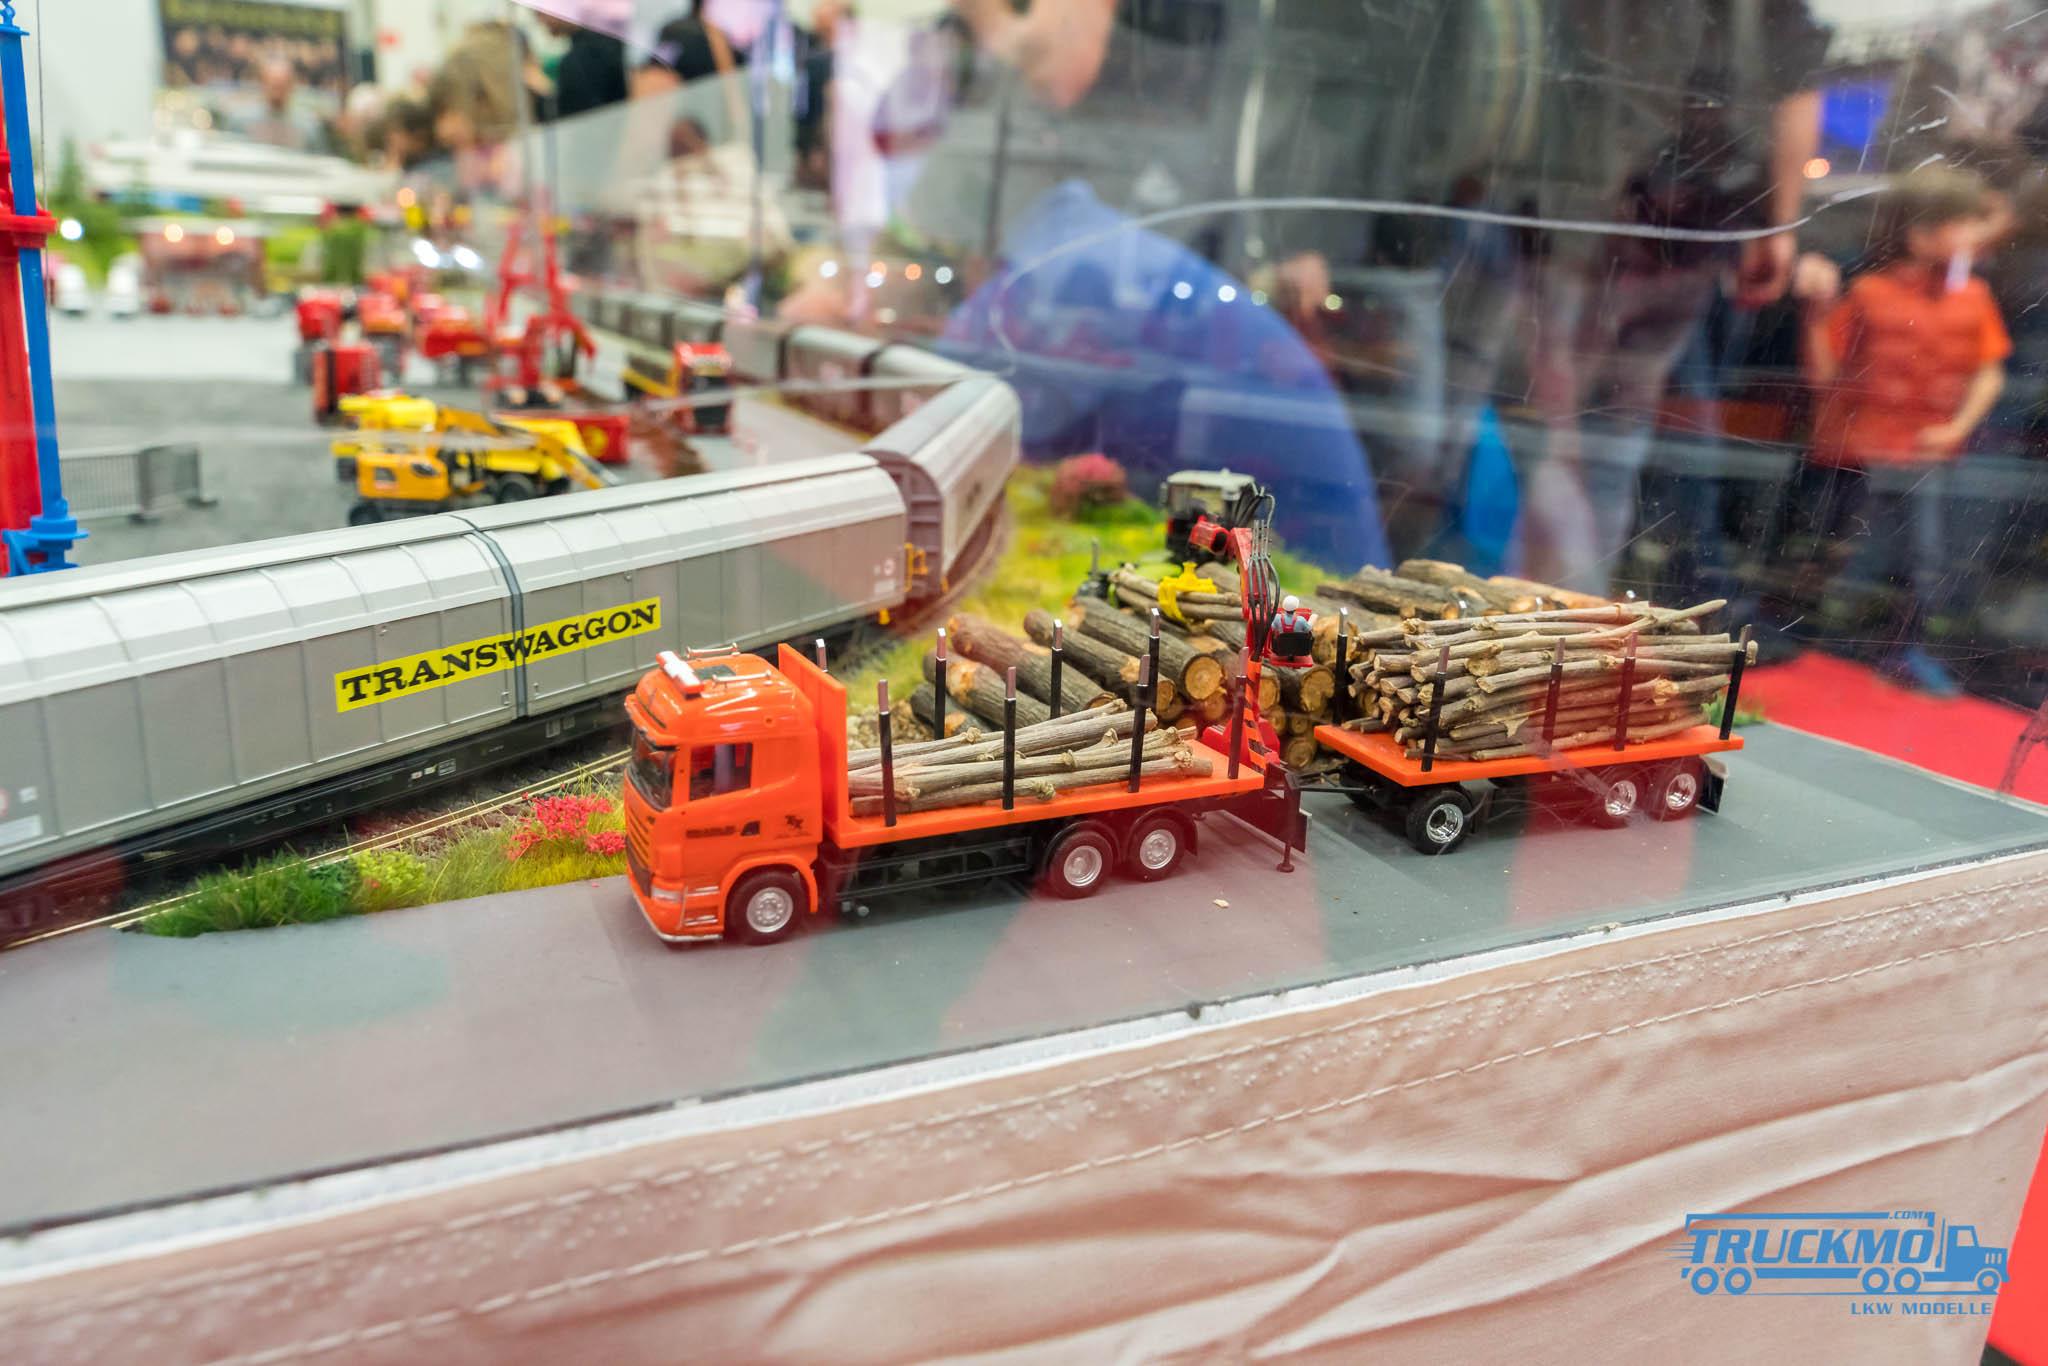 Truckmo_Modellbau_Ried_2017_Herpa_Messe_Modellbauausstellung (231 von 1177)